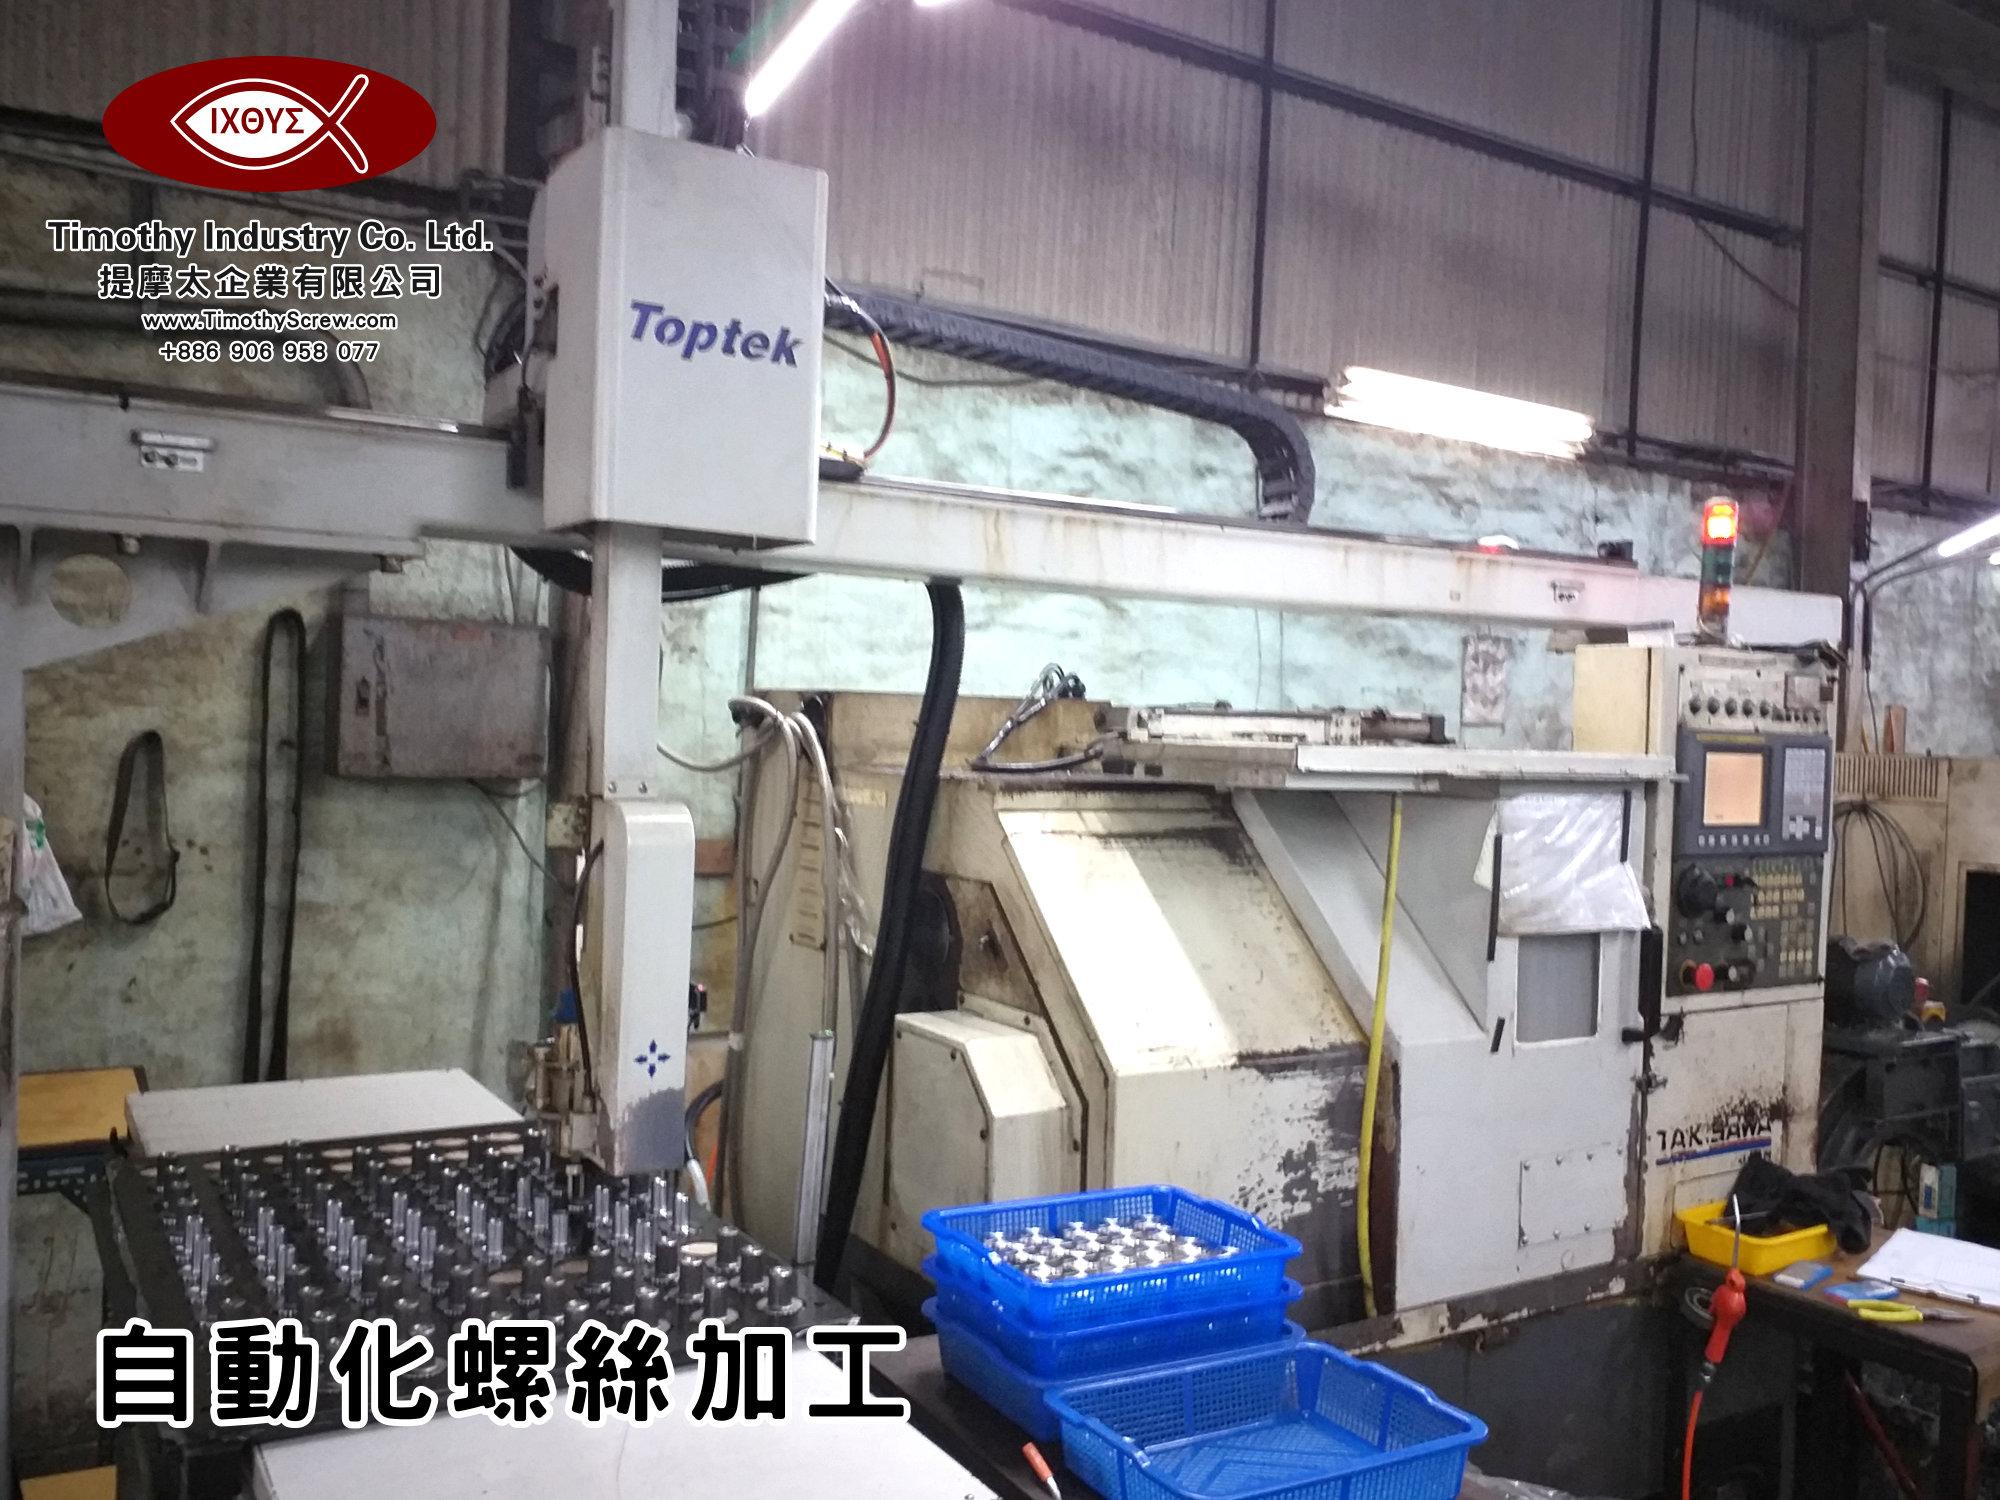 提摩太企業有限公司 Timothy Industry Co Ltd 自動化螺絲加工 車床部 銑床部 台灣自動化螺絲加工 螺絲製造 A30